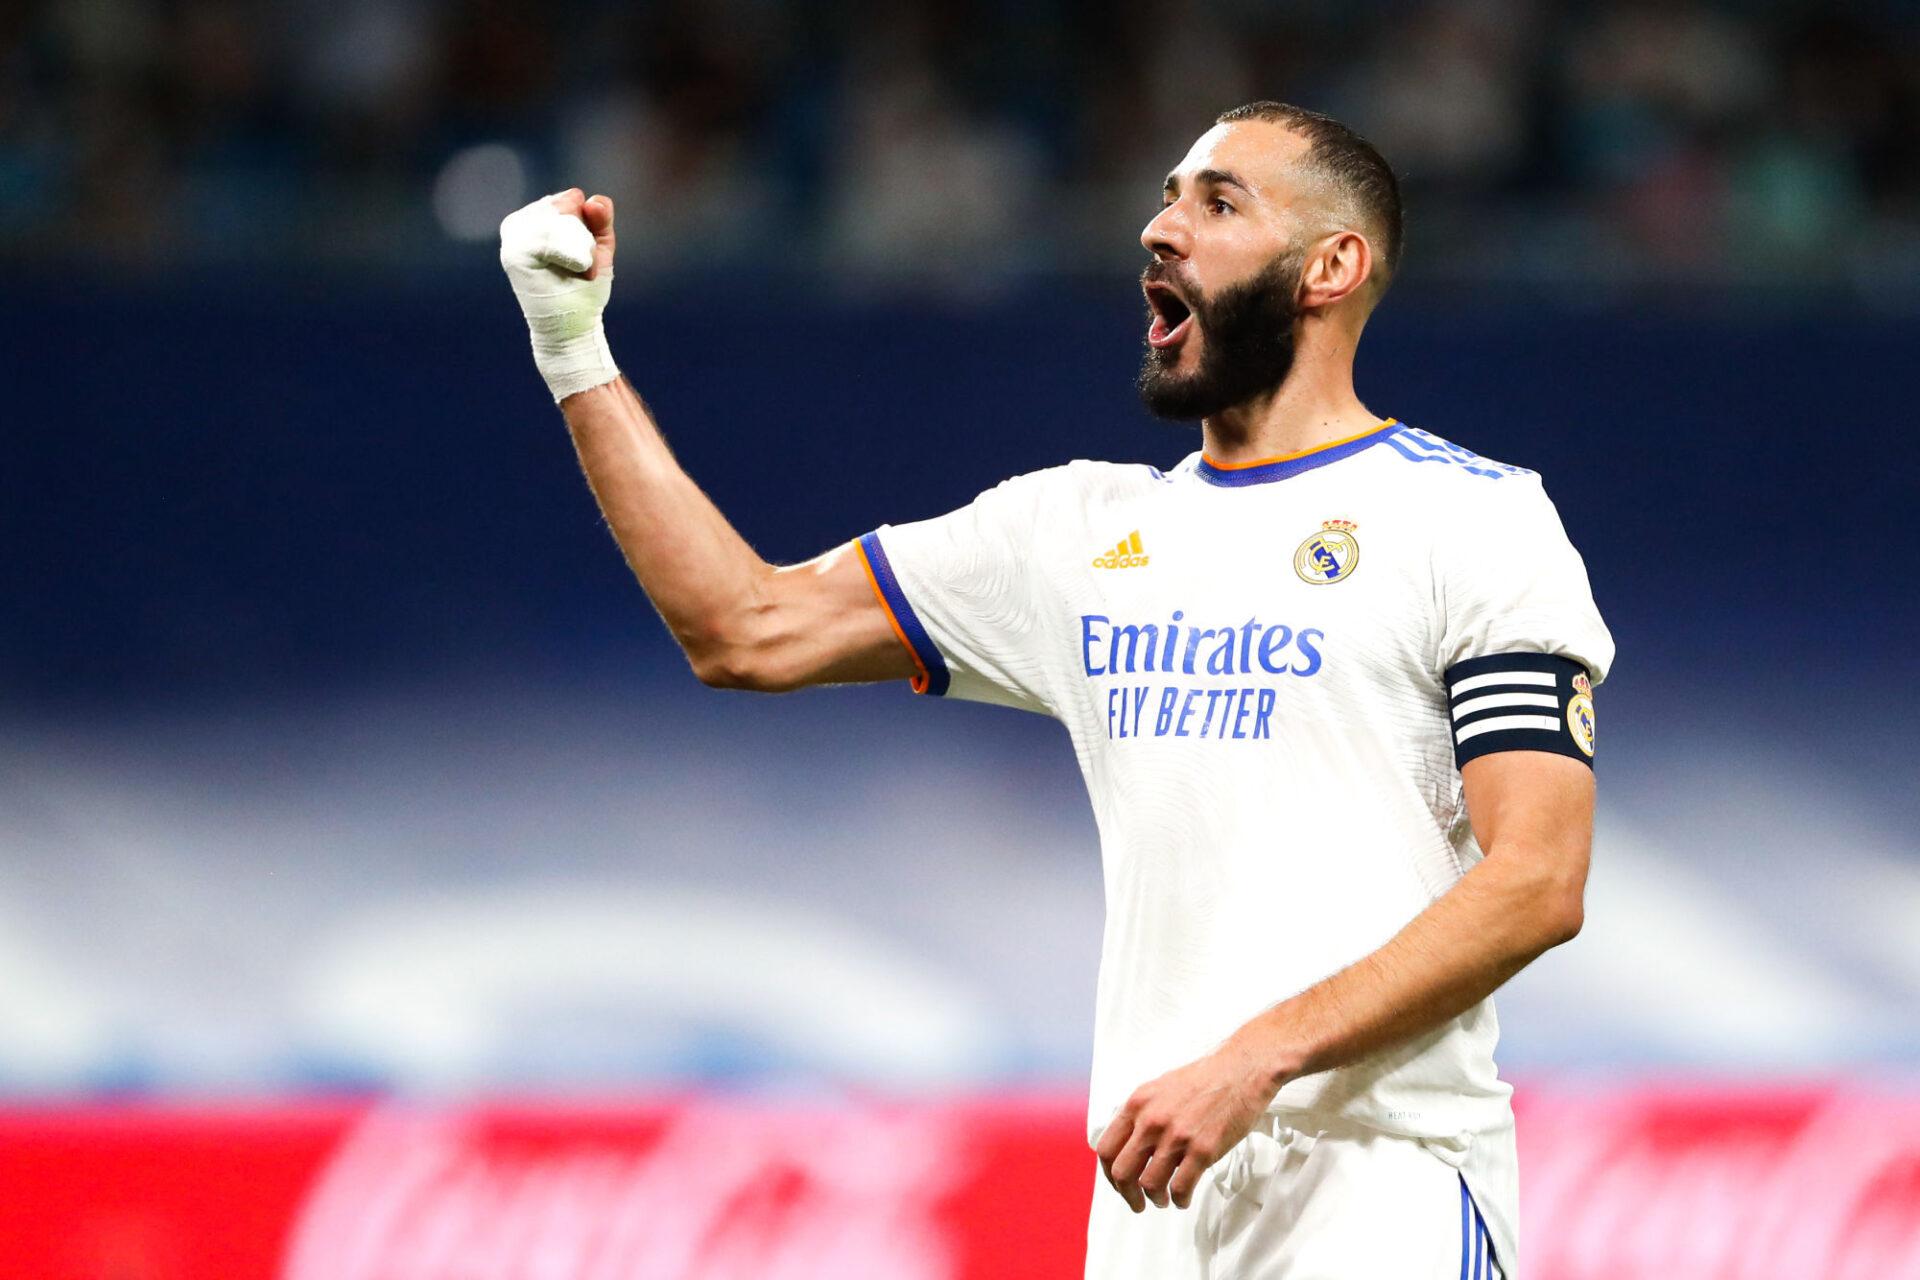 Karim Benzema a égalisé à deux reprises contre le Celta de Vigo, et a fini la rencontre avec un triplé. Icon Sport